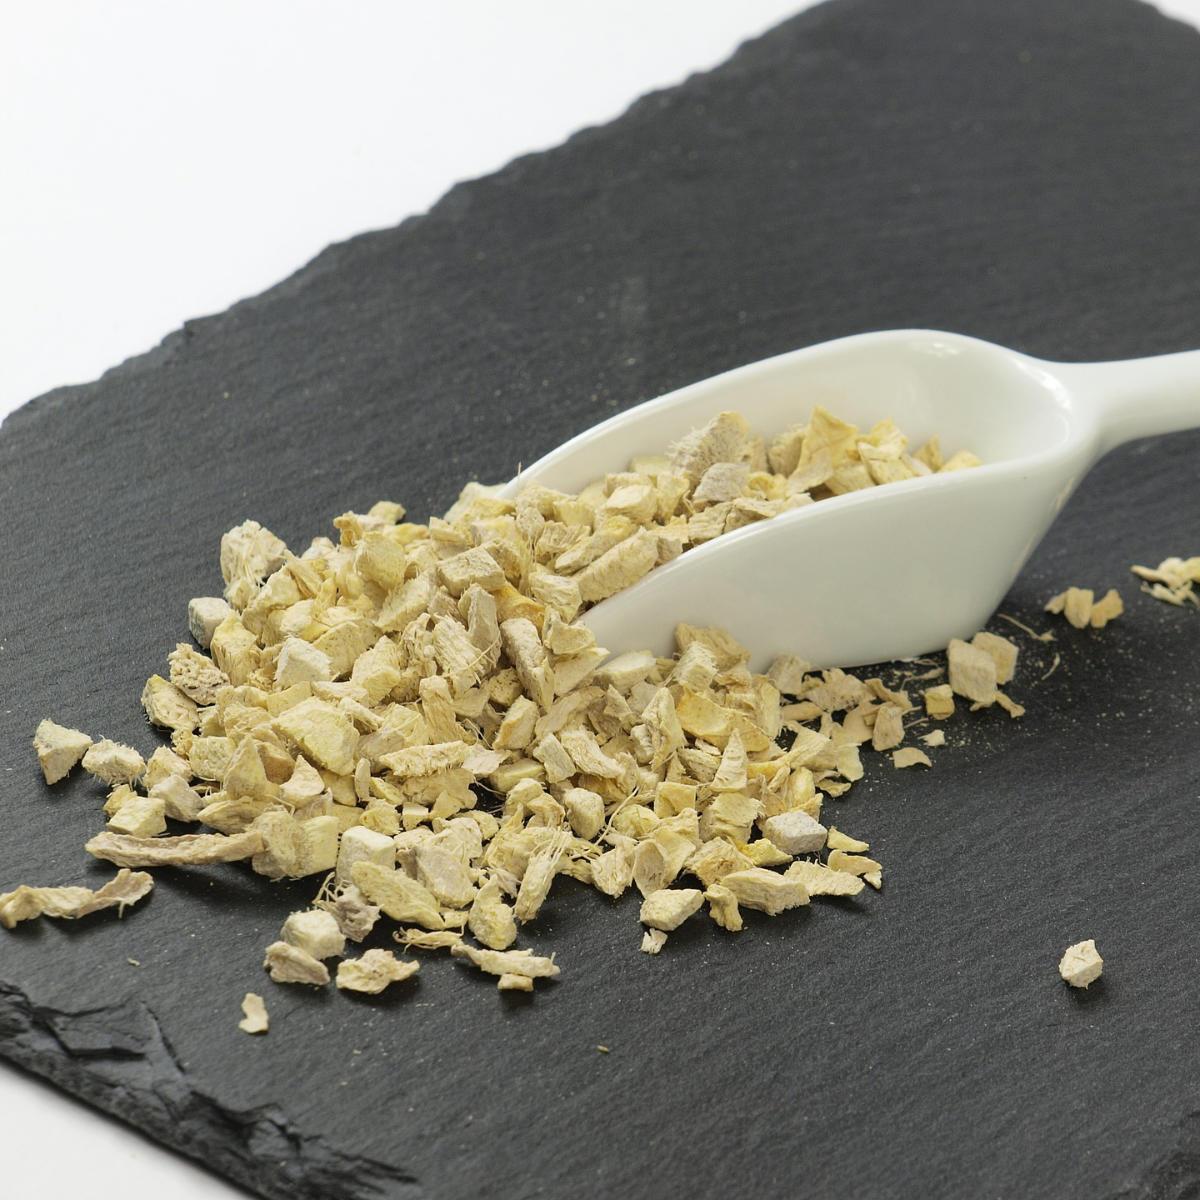 Colher de cerâmica com gengibre seco em pedaços pequenos em cima de lousa